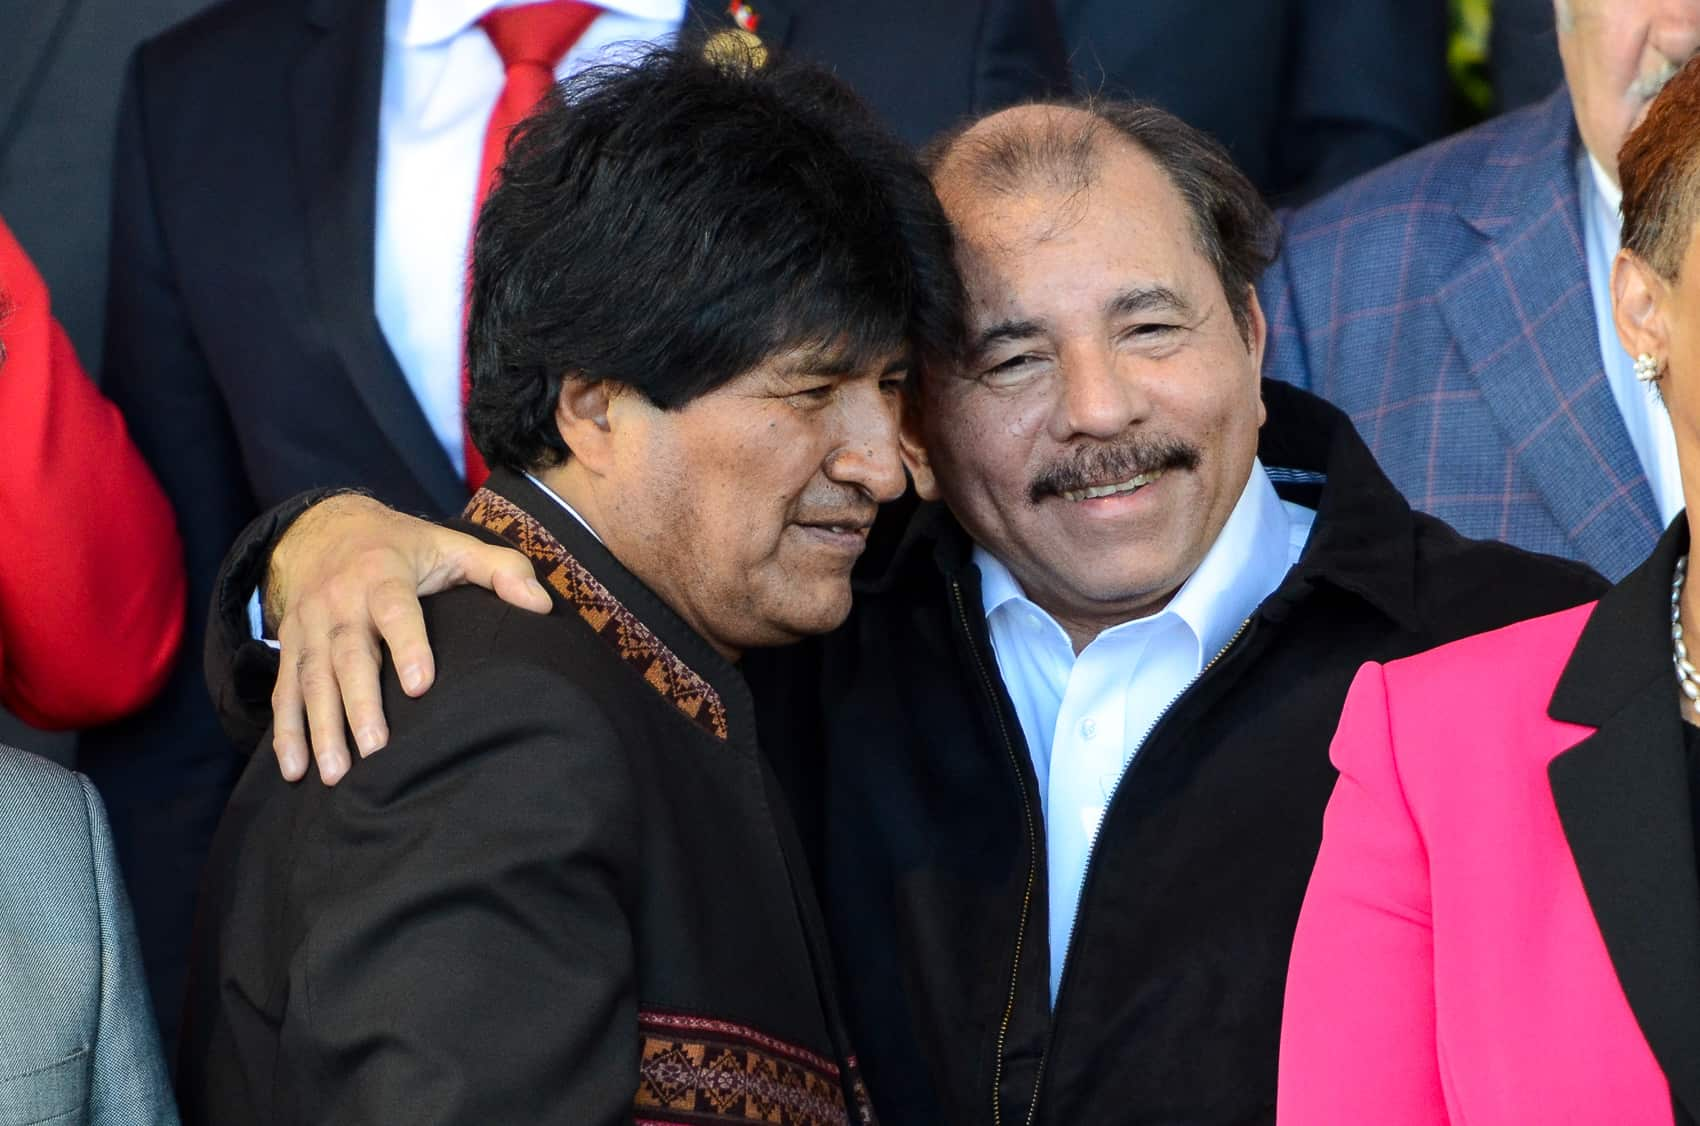 Evo Morales tuvo una hija con una menor de edad, asegura el Gobierno de Bolivia